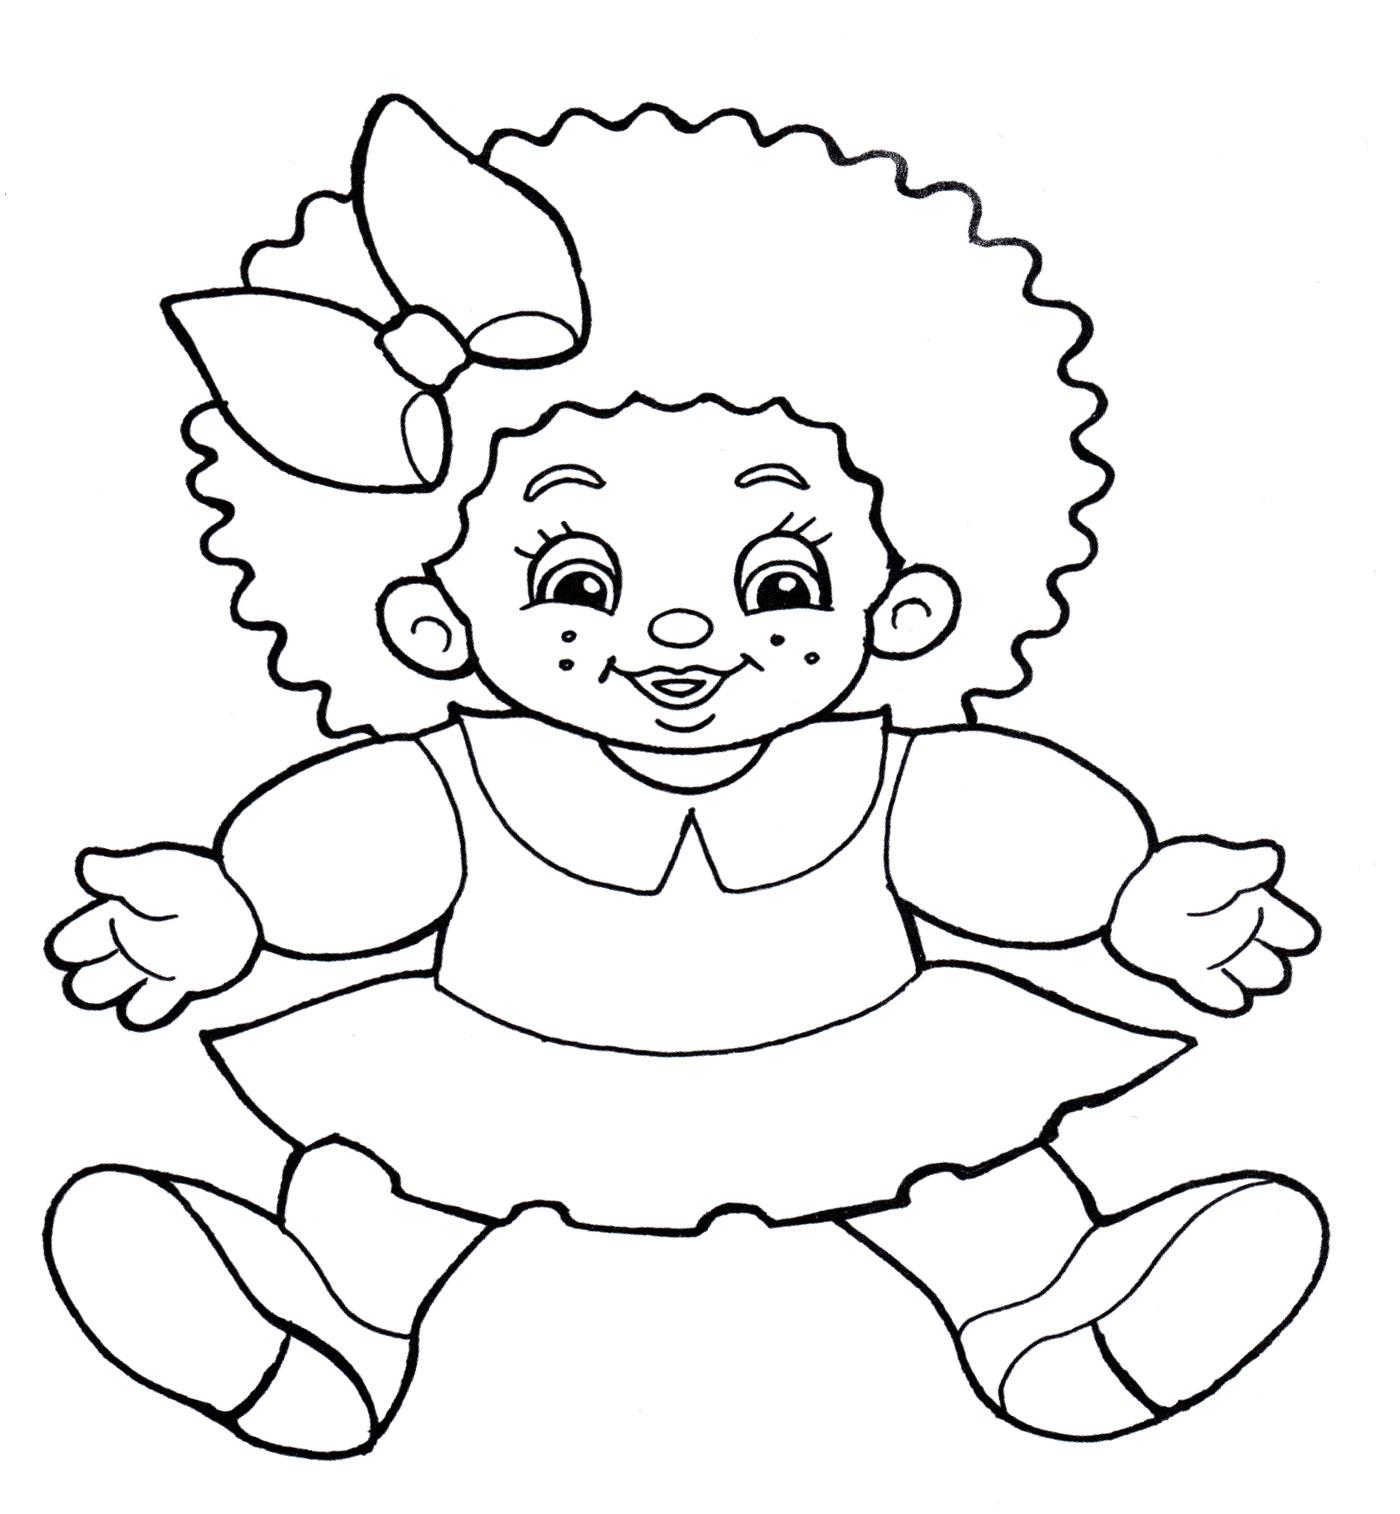 Раскраска Кукла в платье - распечатать бесплатно